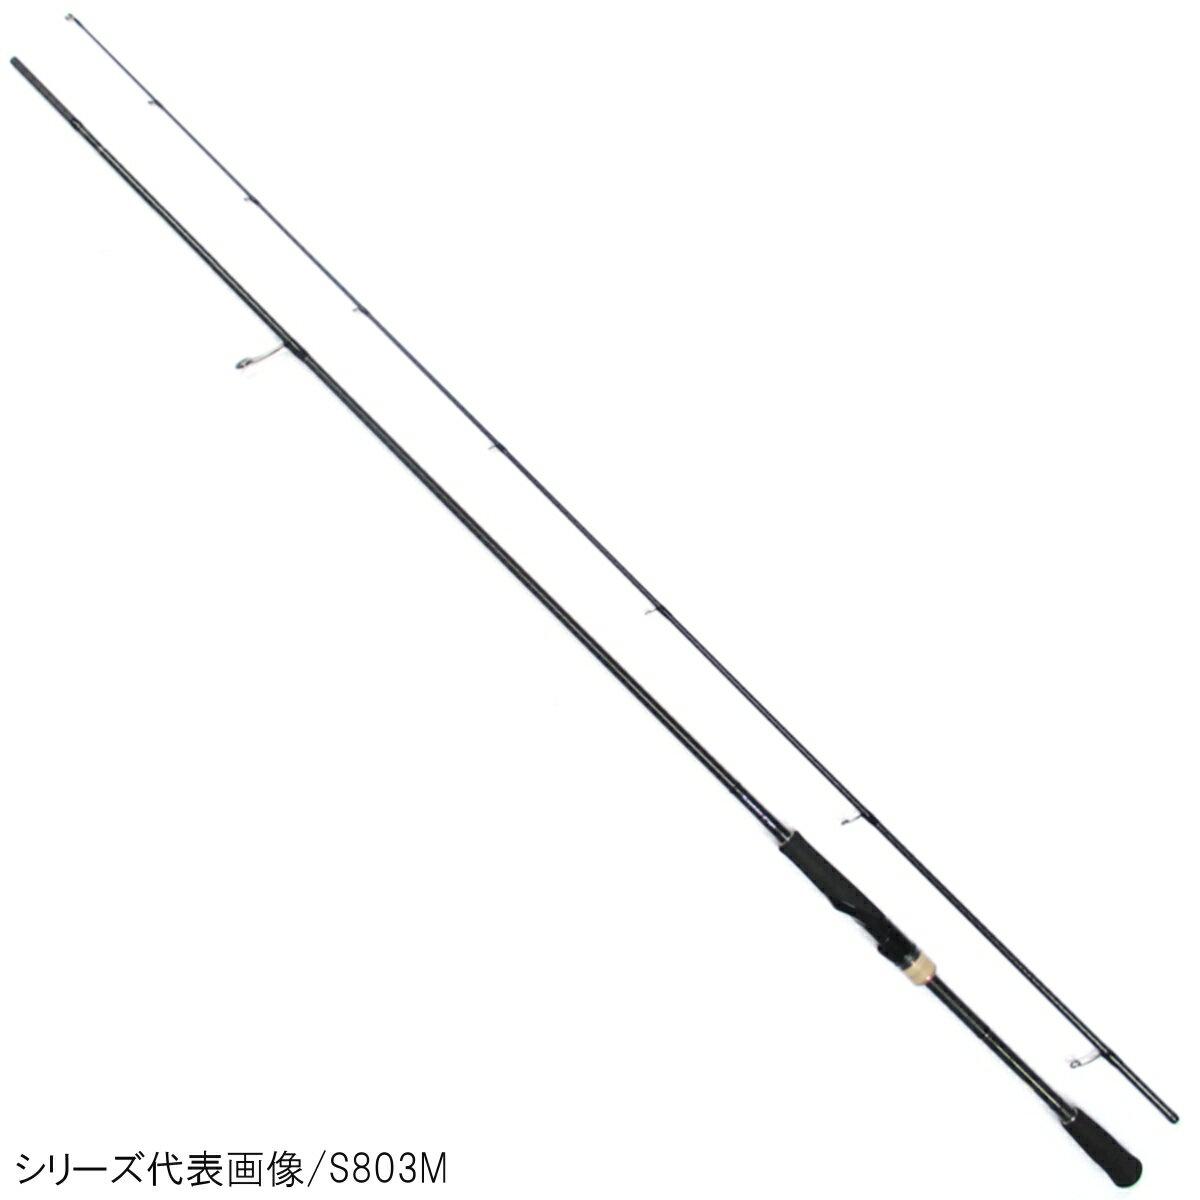 シマノ セフィアCI4+ S806M【大型商品】(東日本店)